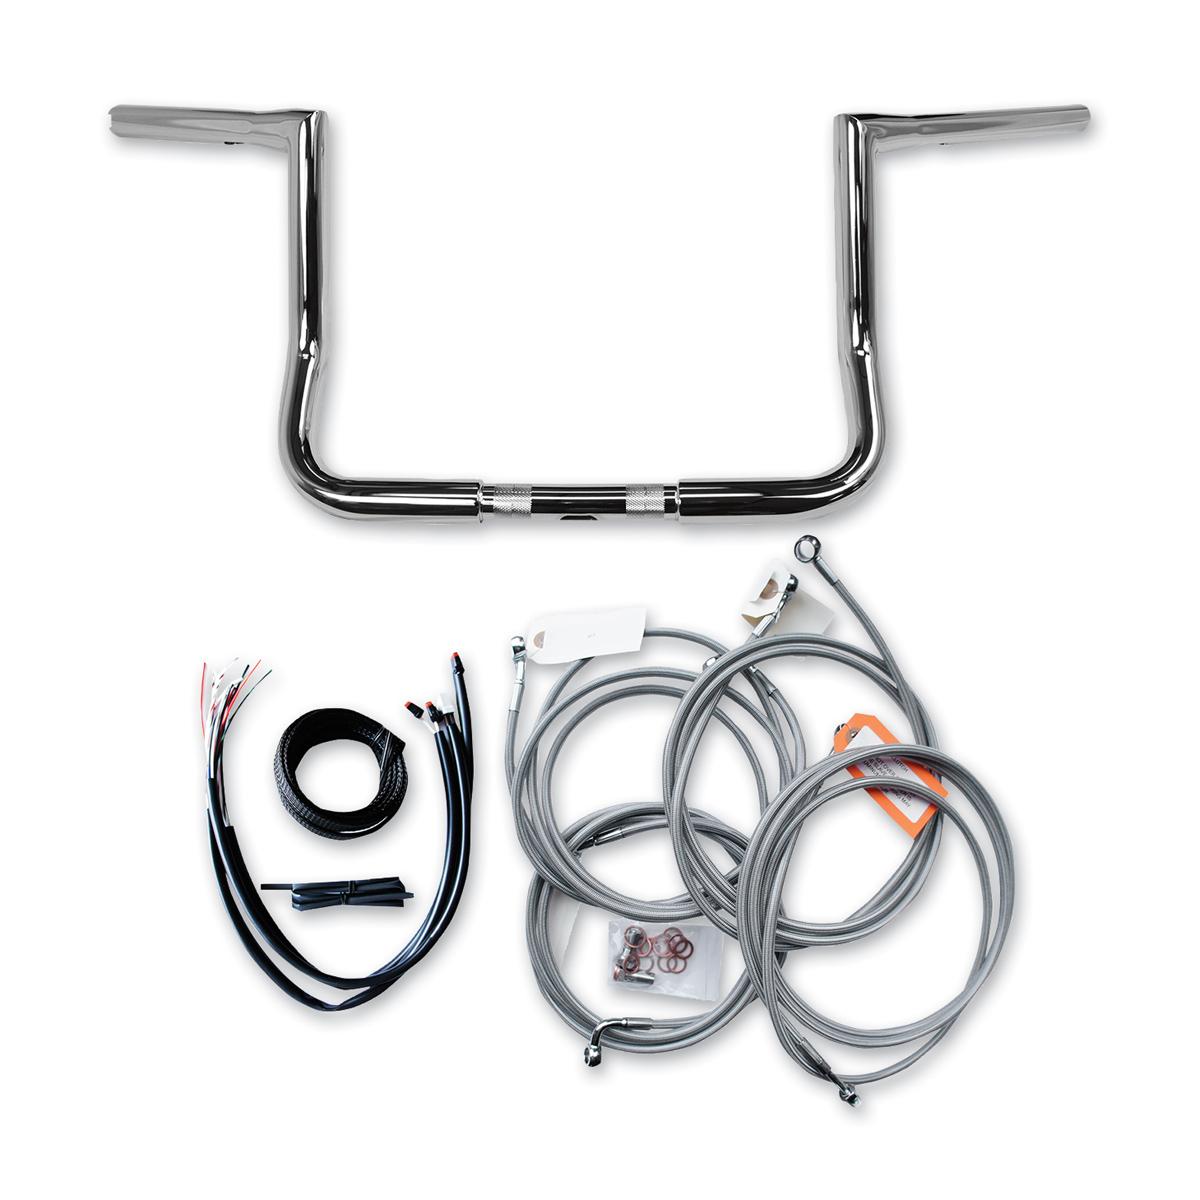 LA Choppers 1-1/4' Chrome 12' Bagger Ape Hanger Stainless Braided Handlebar Kit